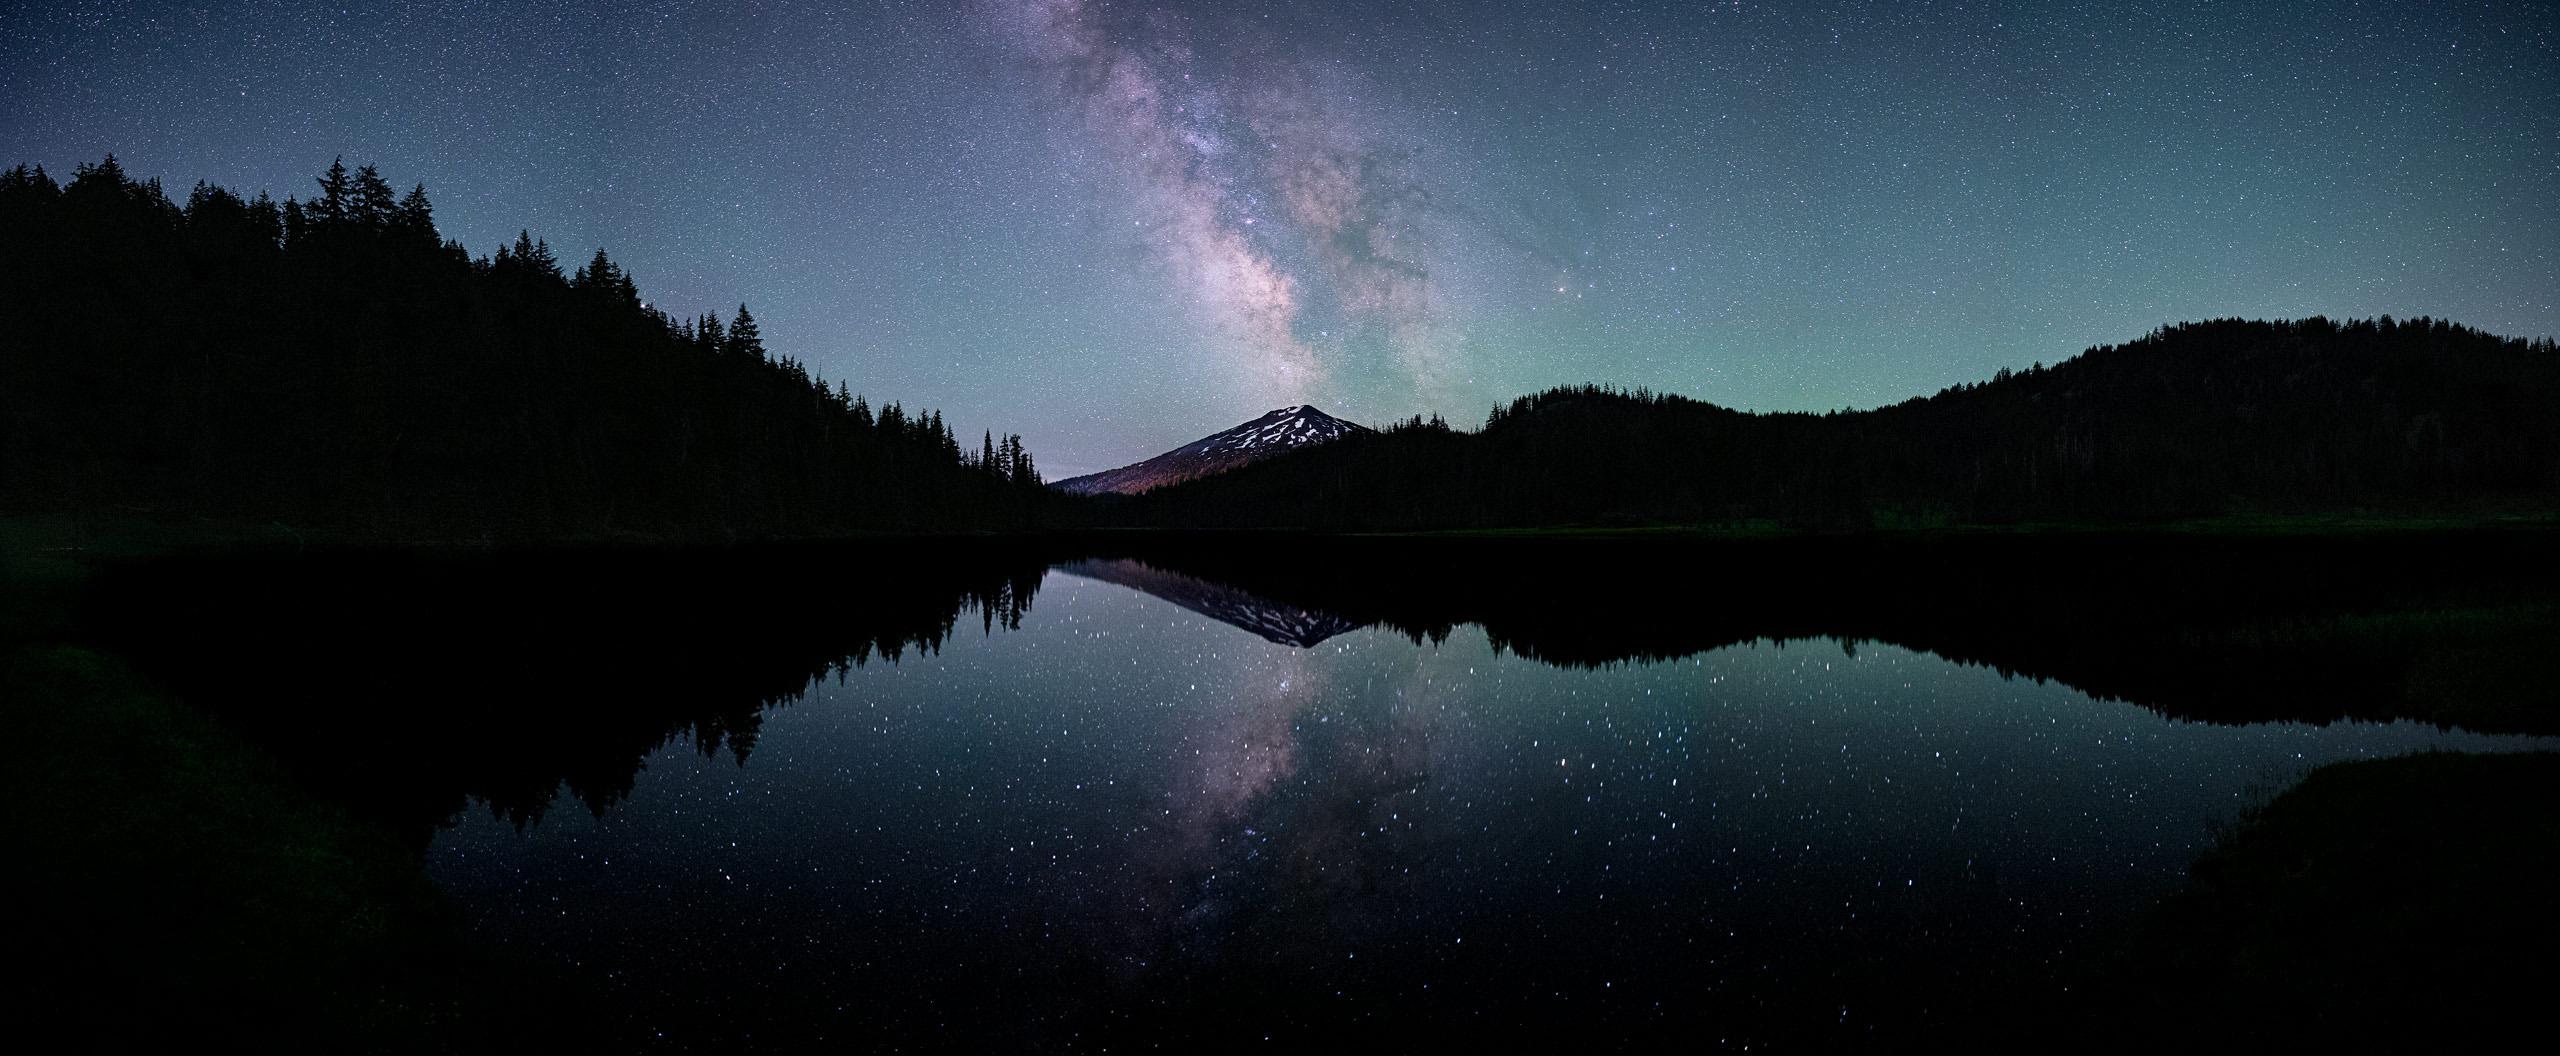 TODD_LAKE_STARS_PANO_WEB.jpg